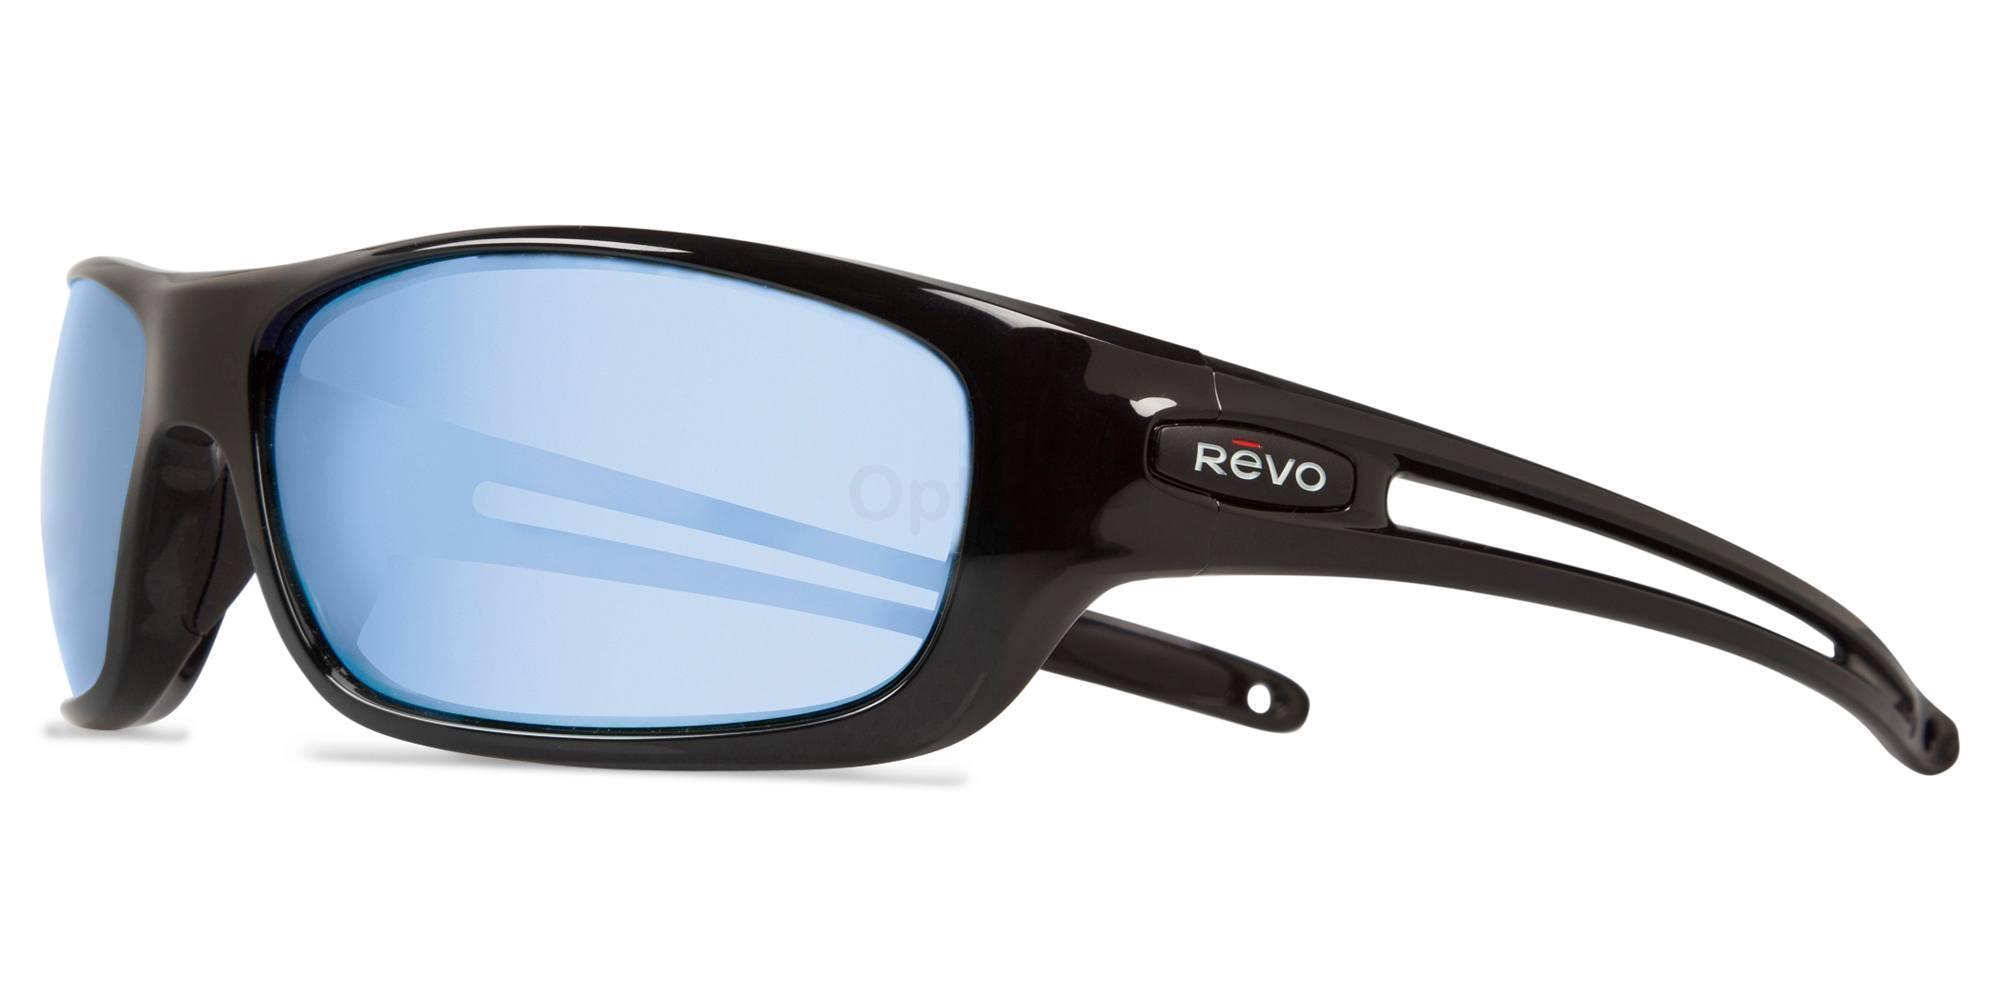 01BL Guide S - 354070 , Revo